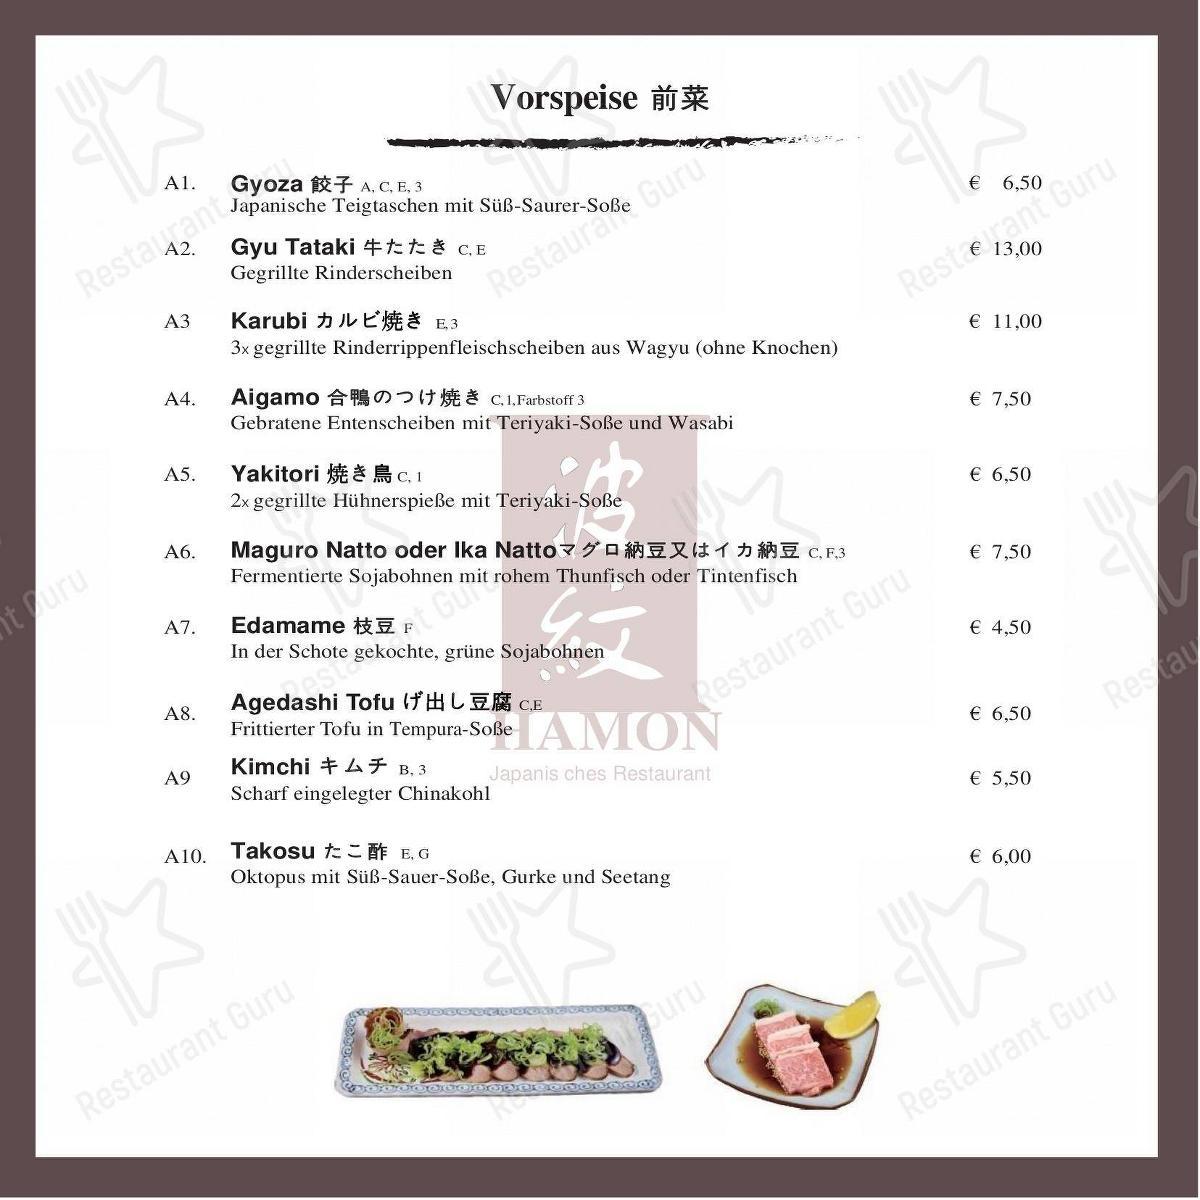 Hamon Speisekarte - Gerichte und Getränke